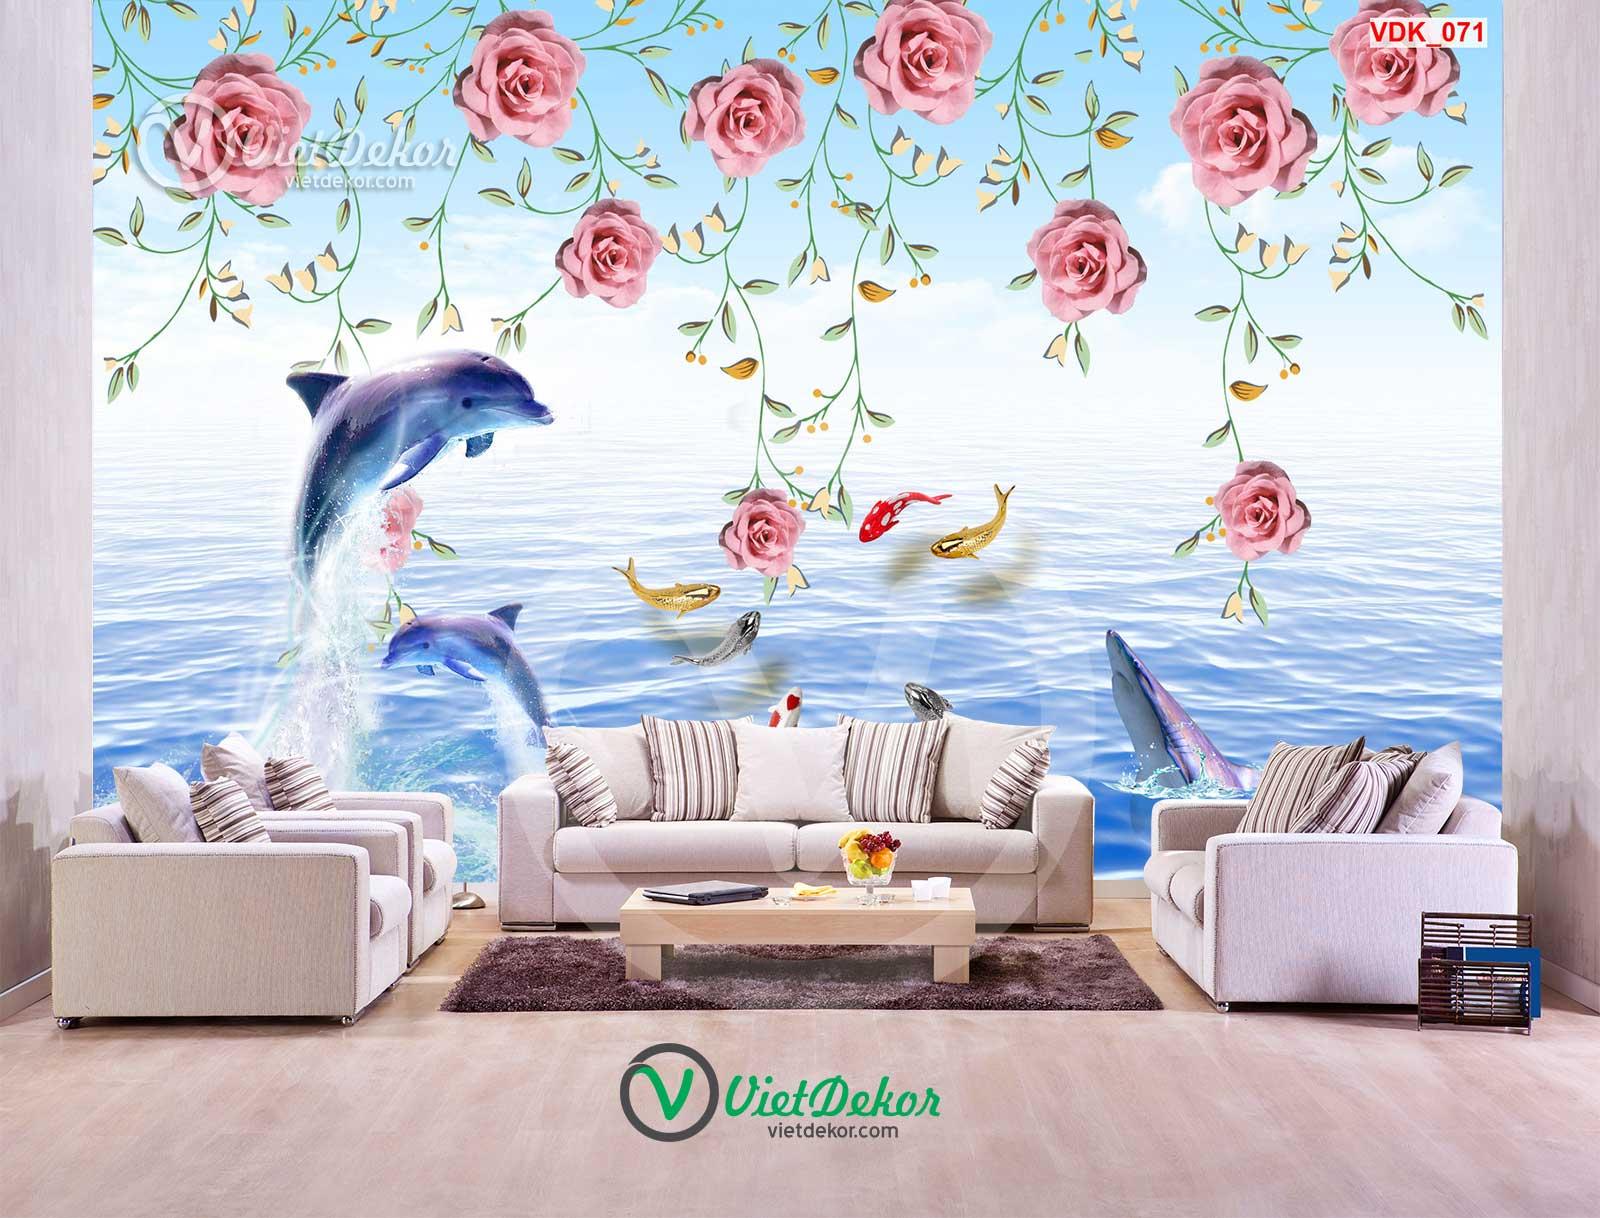 Tranh dán tường hoa 3d đàn cá trên biển